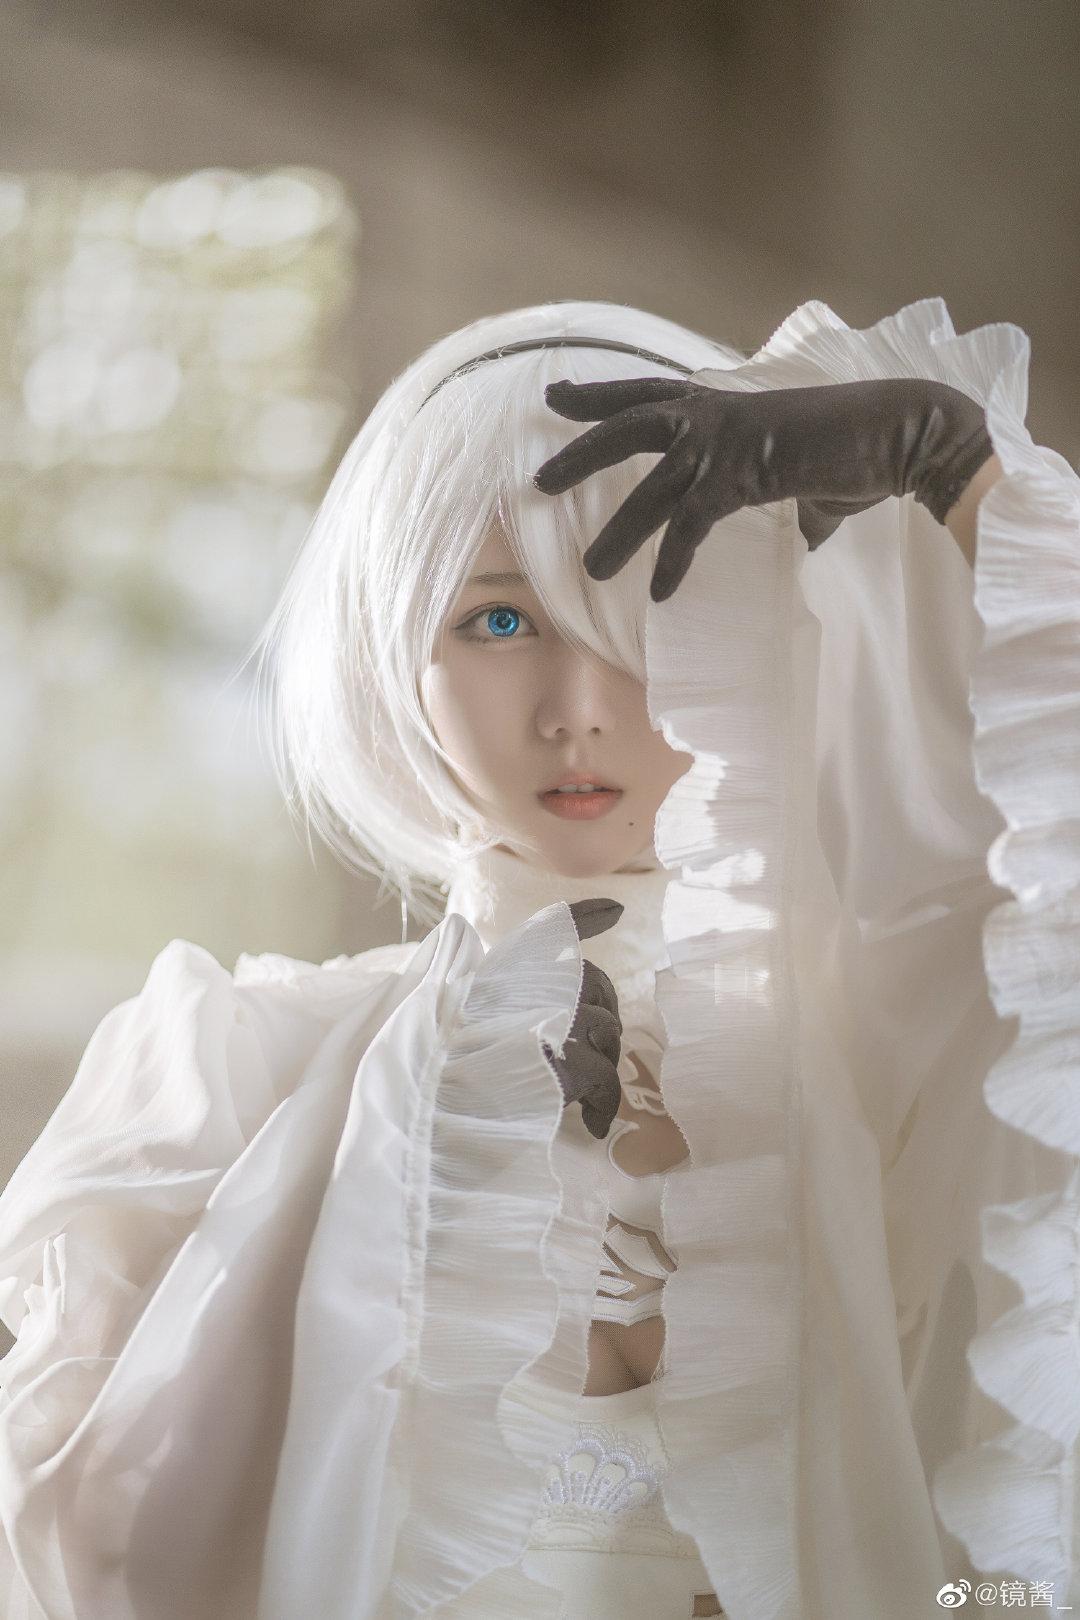 [COS]镜酱 #尼尔:机械纪元#2b白色婚纱 COSPLAY-第13张